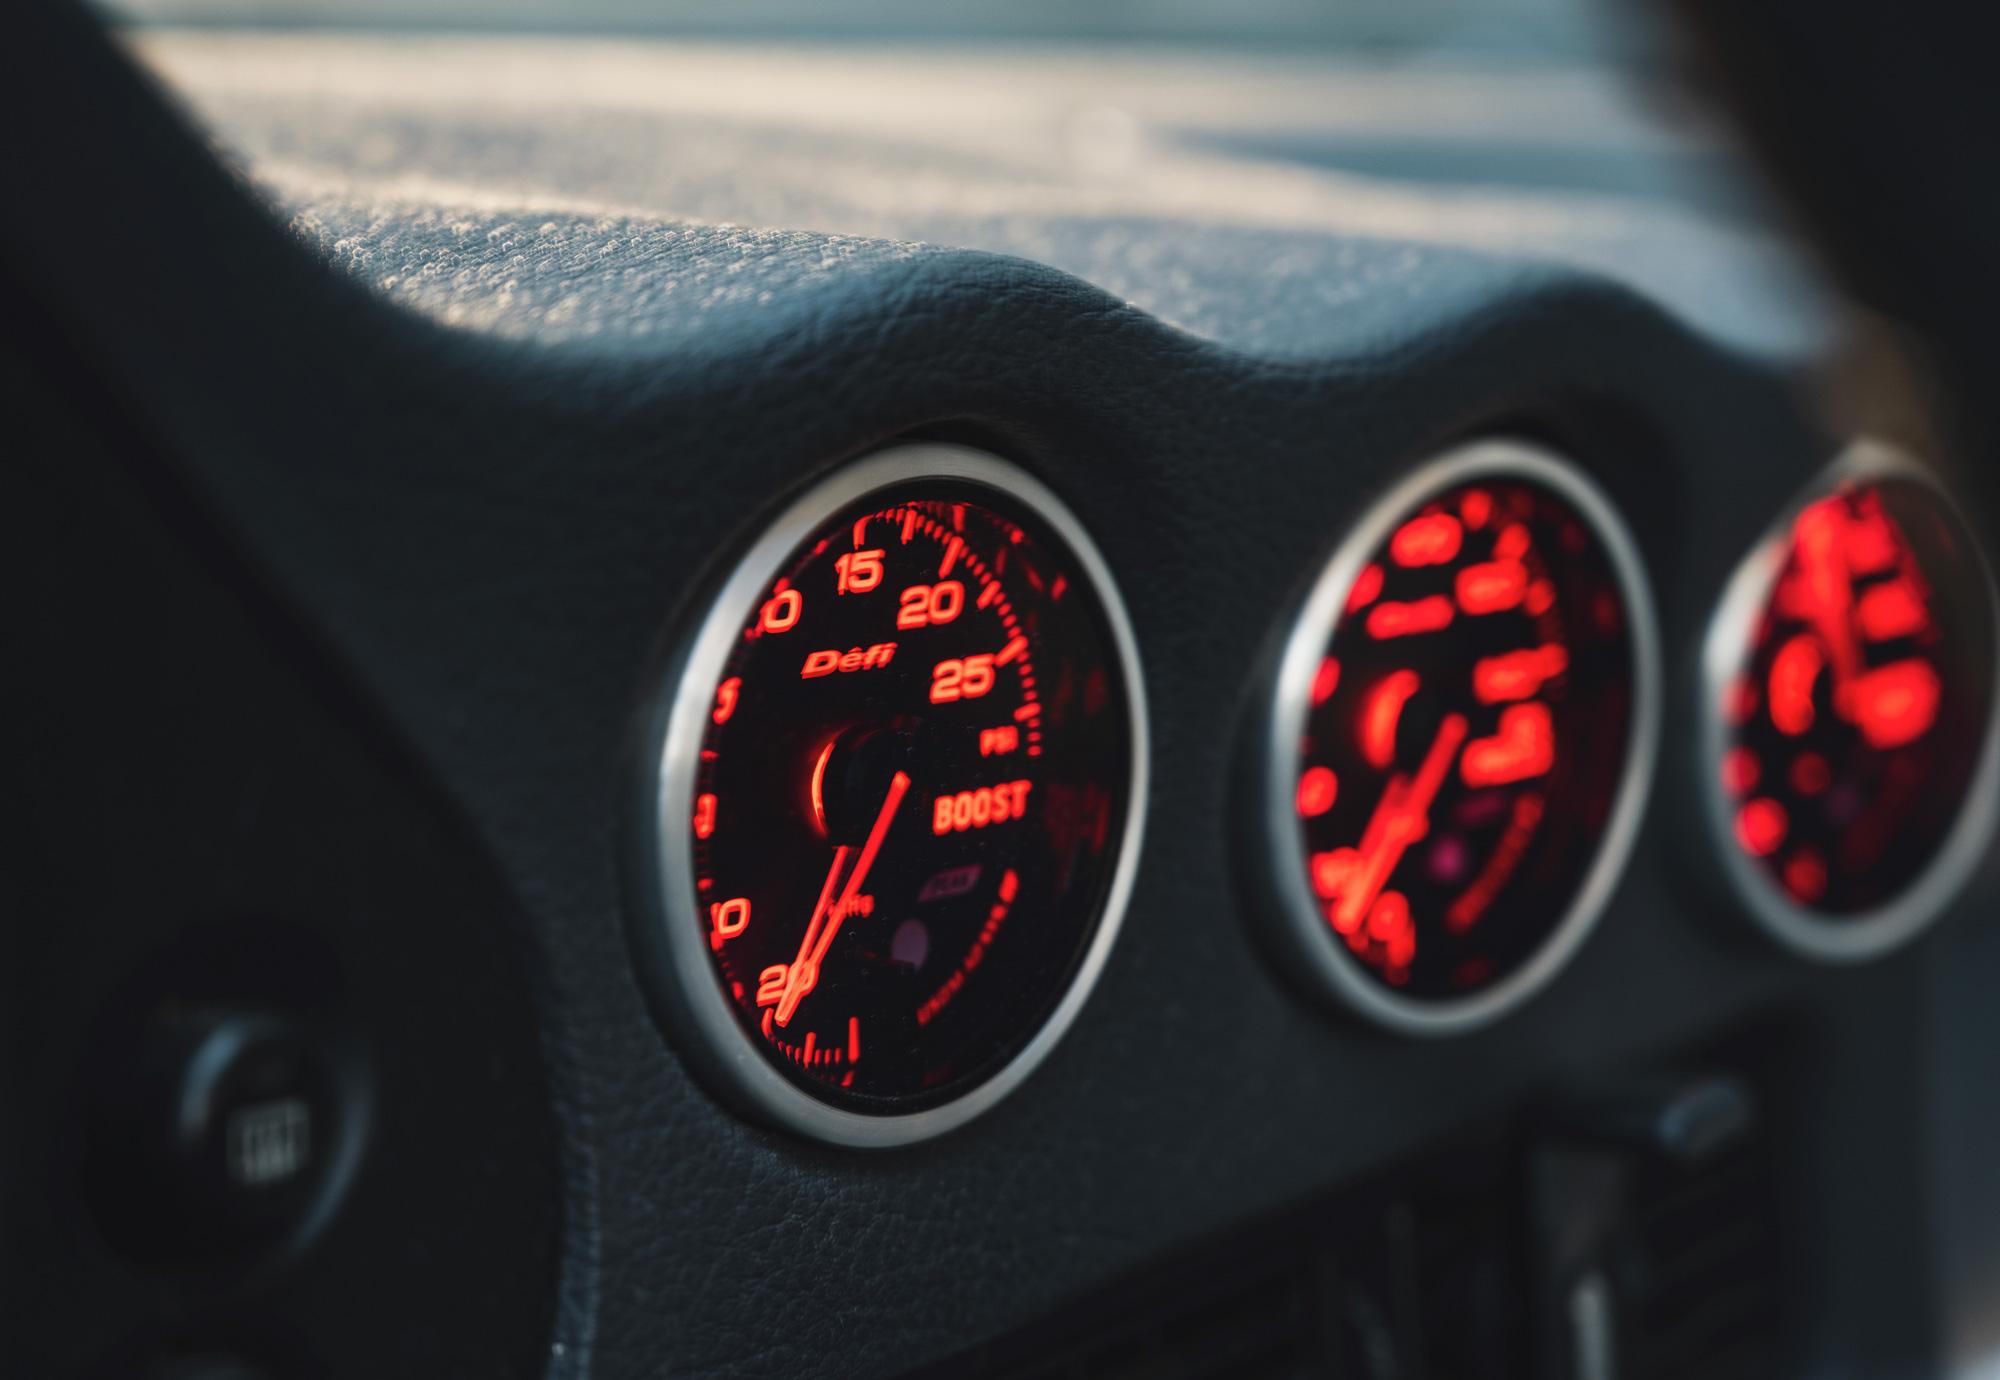 3000GT boost gauge